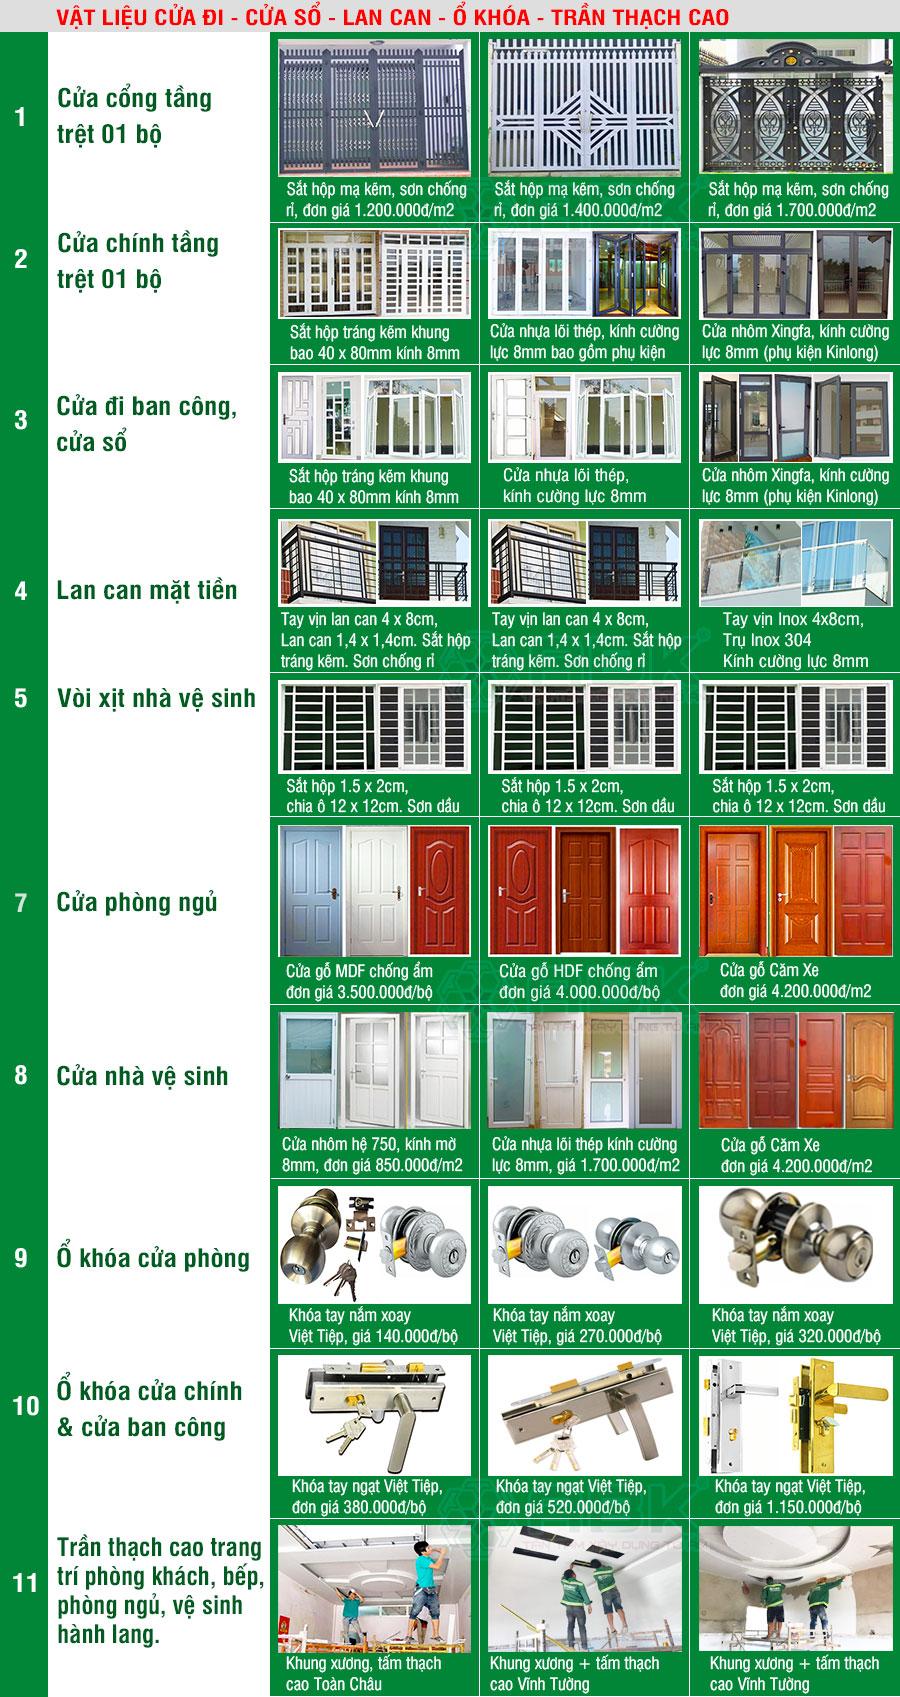 Bảng vật liệu cửa đi, cửa sổ, lan can, ổ khóa khi xây nhà trọn gói